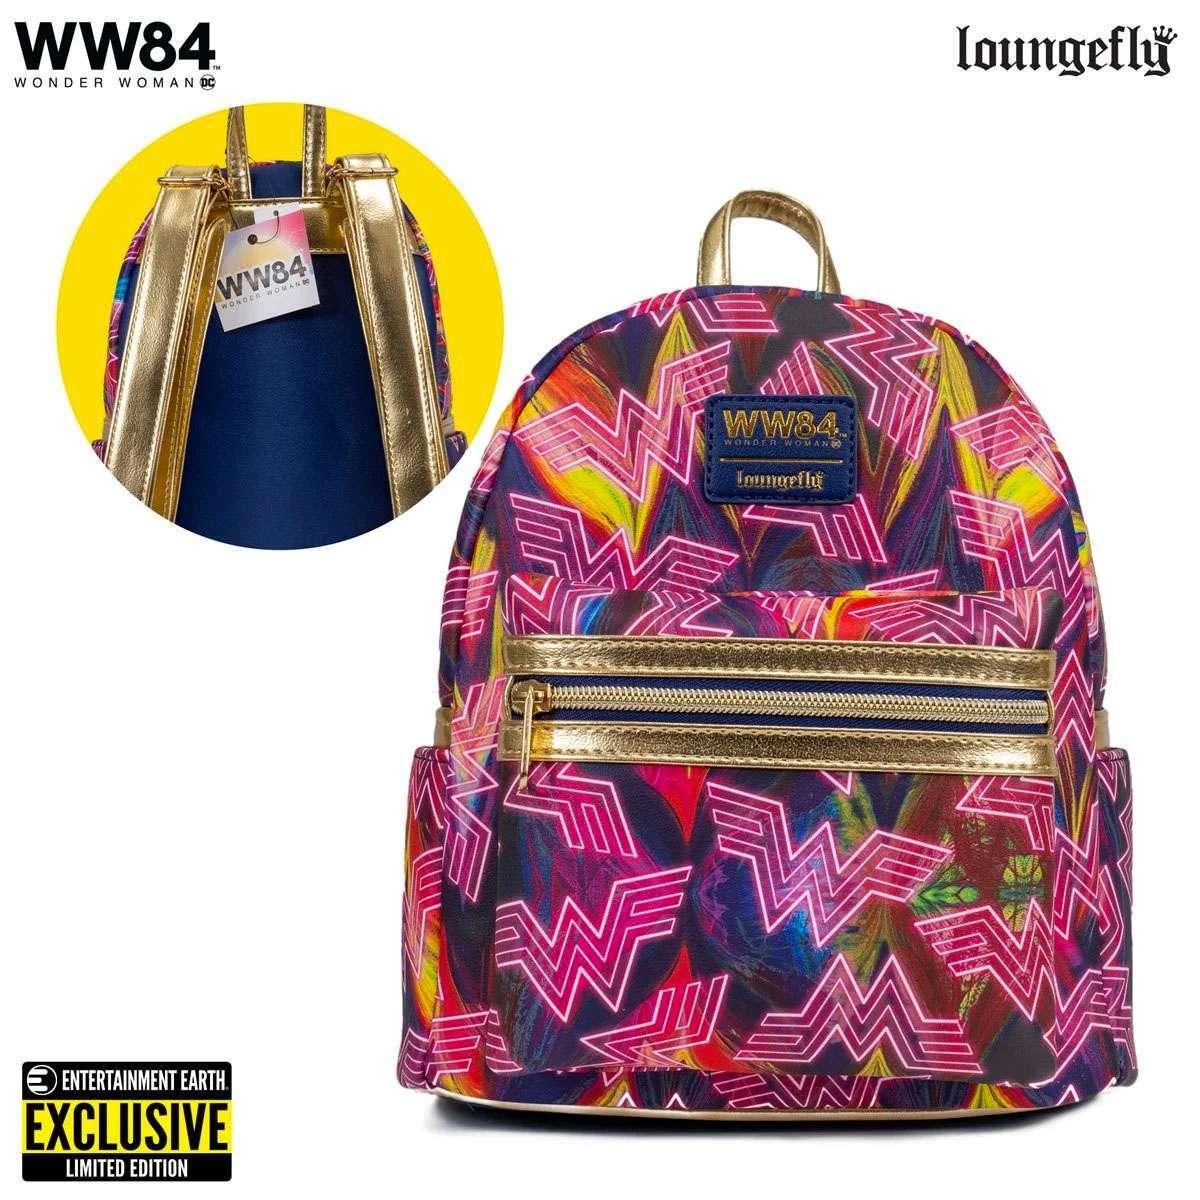 ww84-loungefly